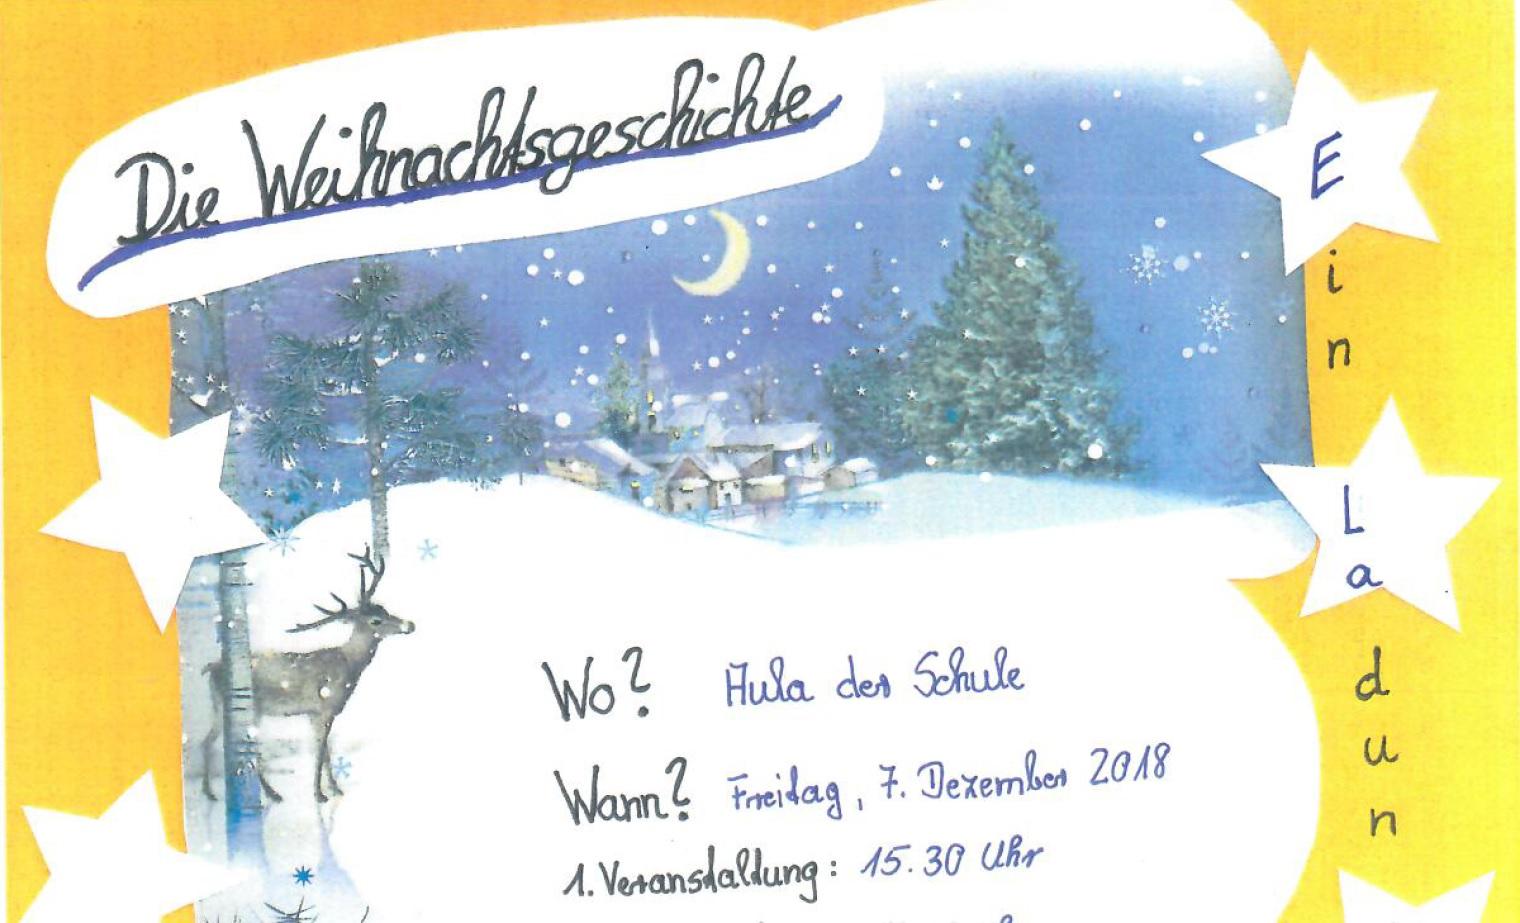 Weihnachtsgeschichte - Grundschule \